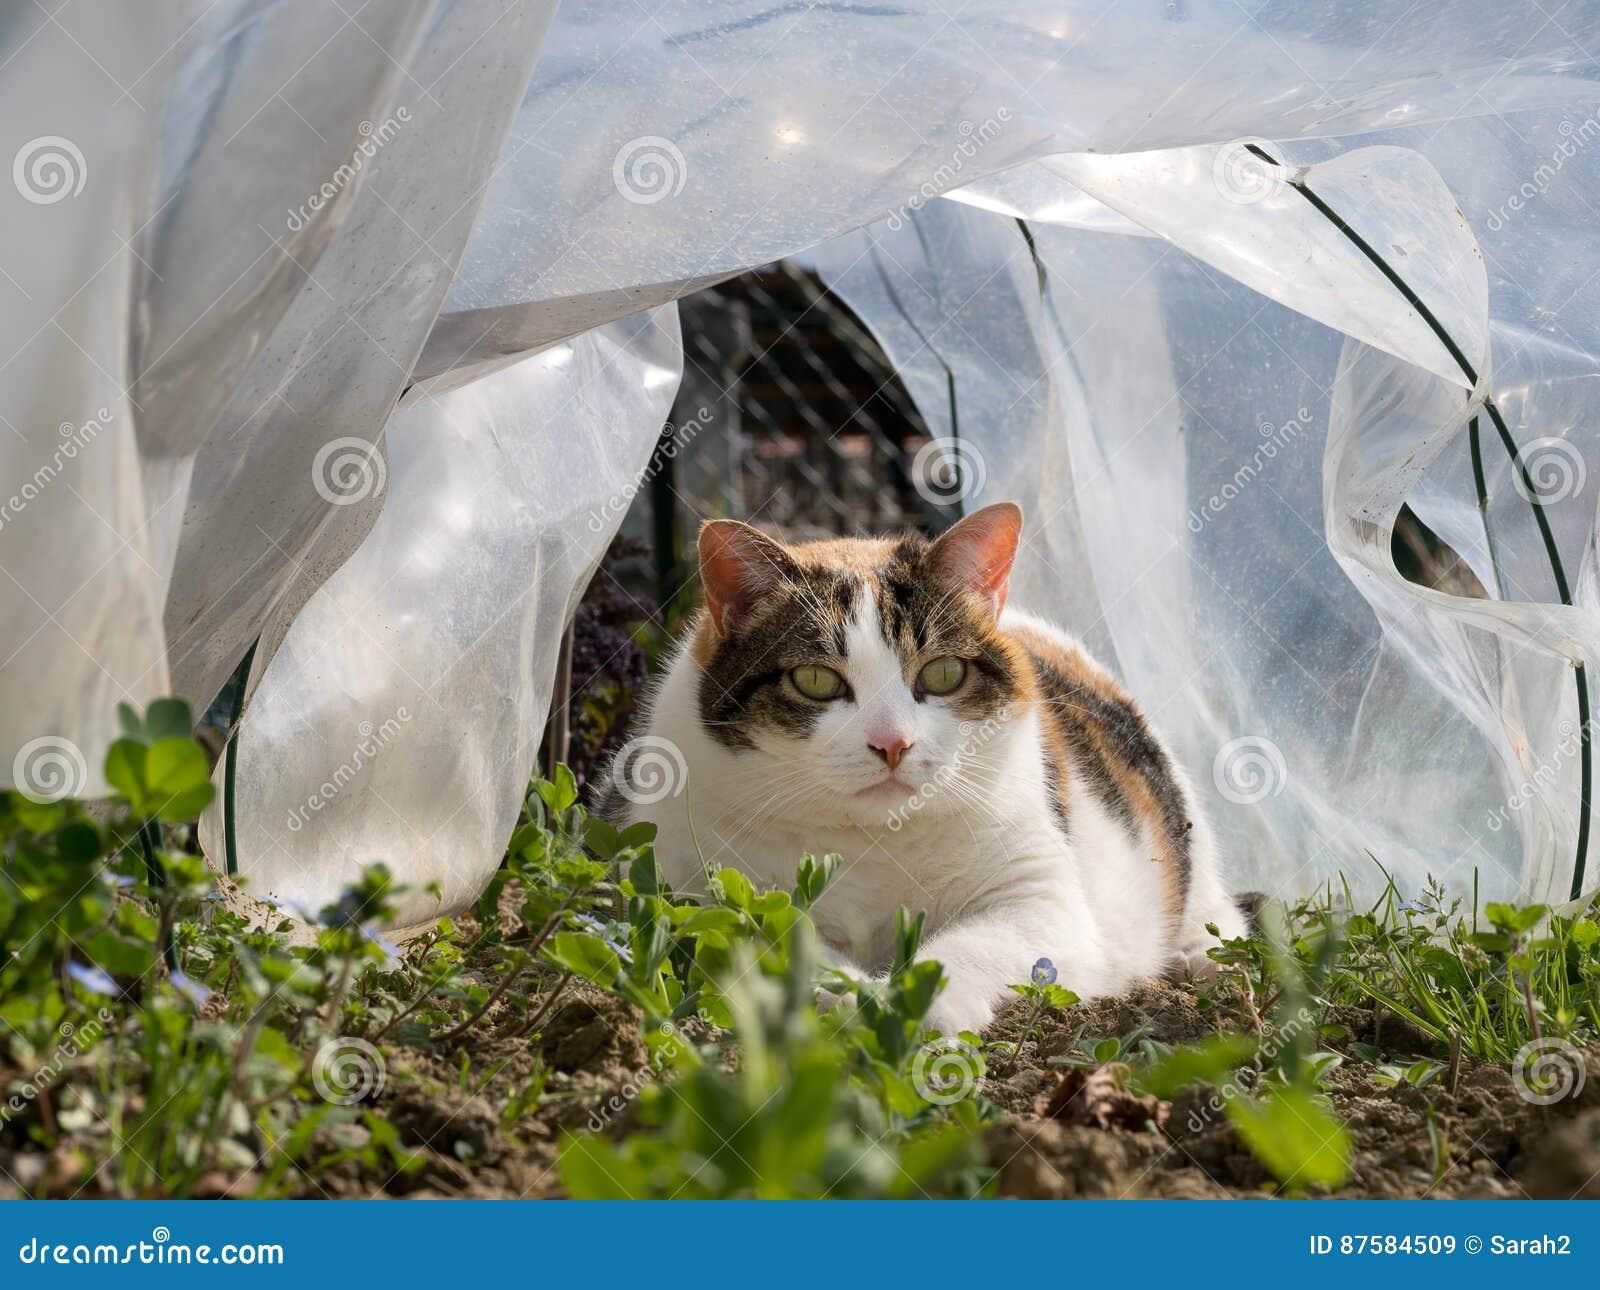 Animali Da Giardino In Plastica.Il Gatto Dell Animale Domestico In Piselli Di Sorveglianza Della